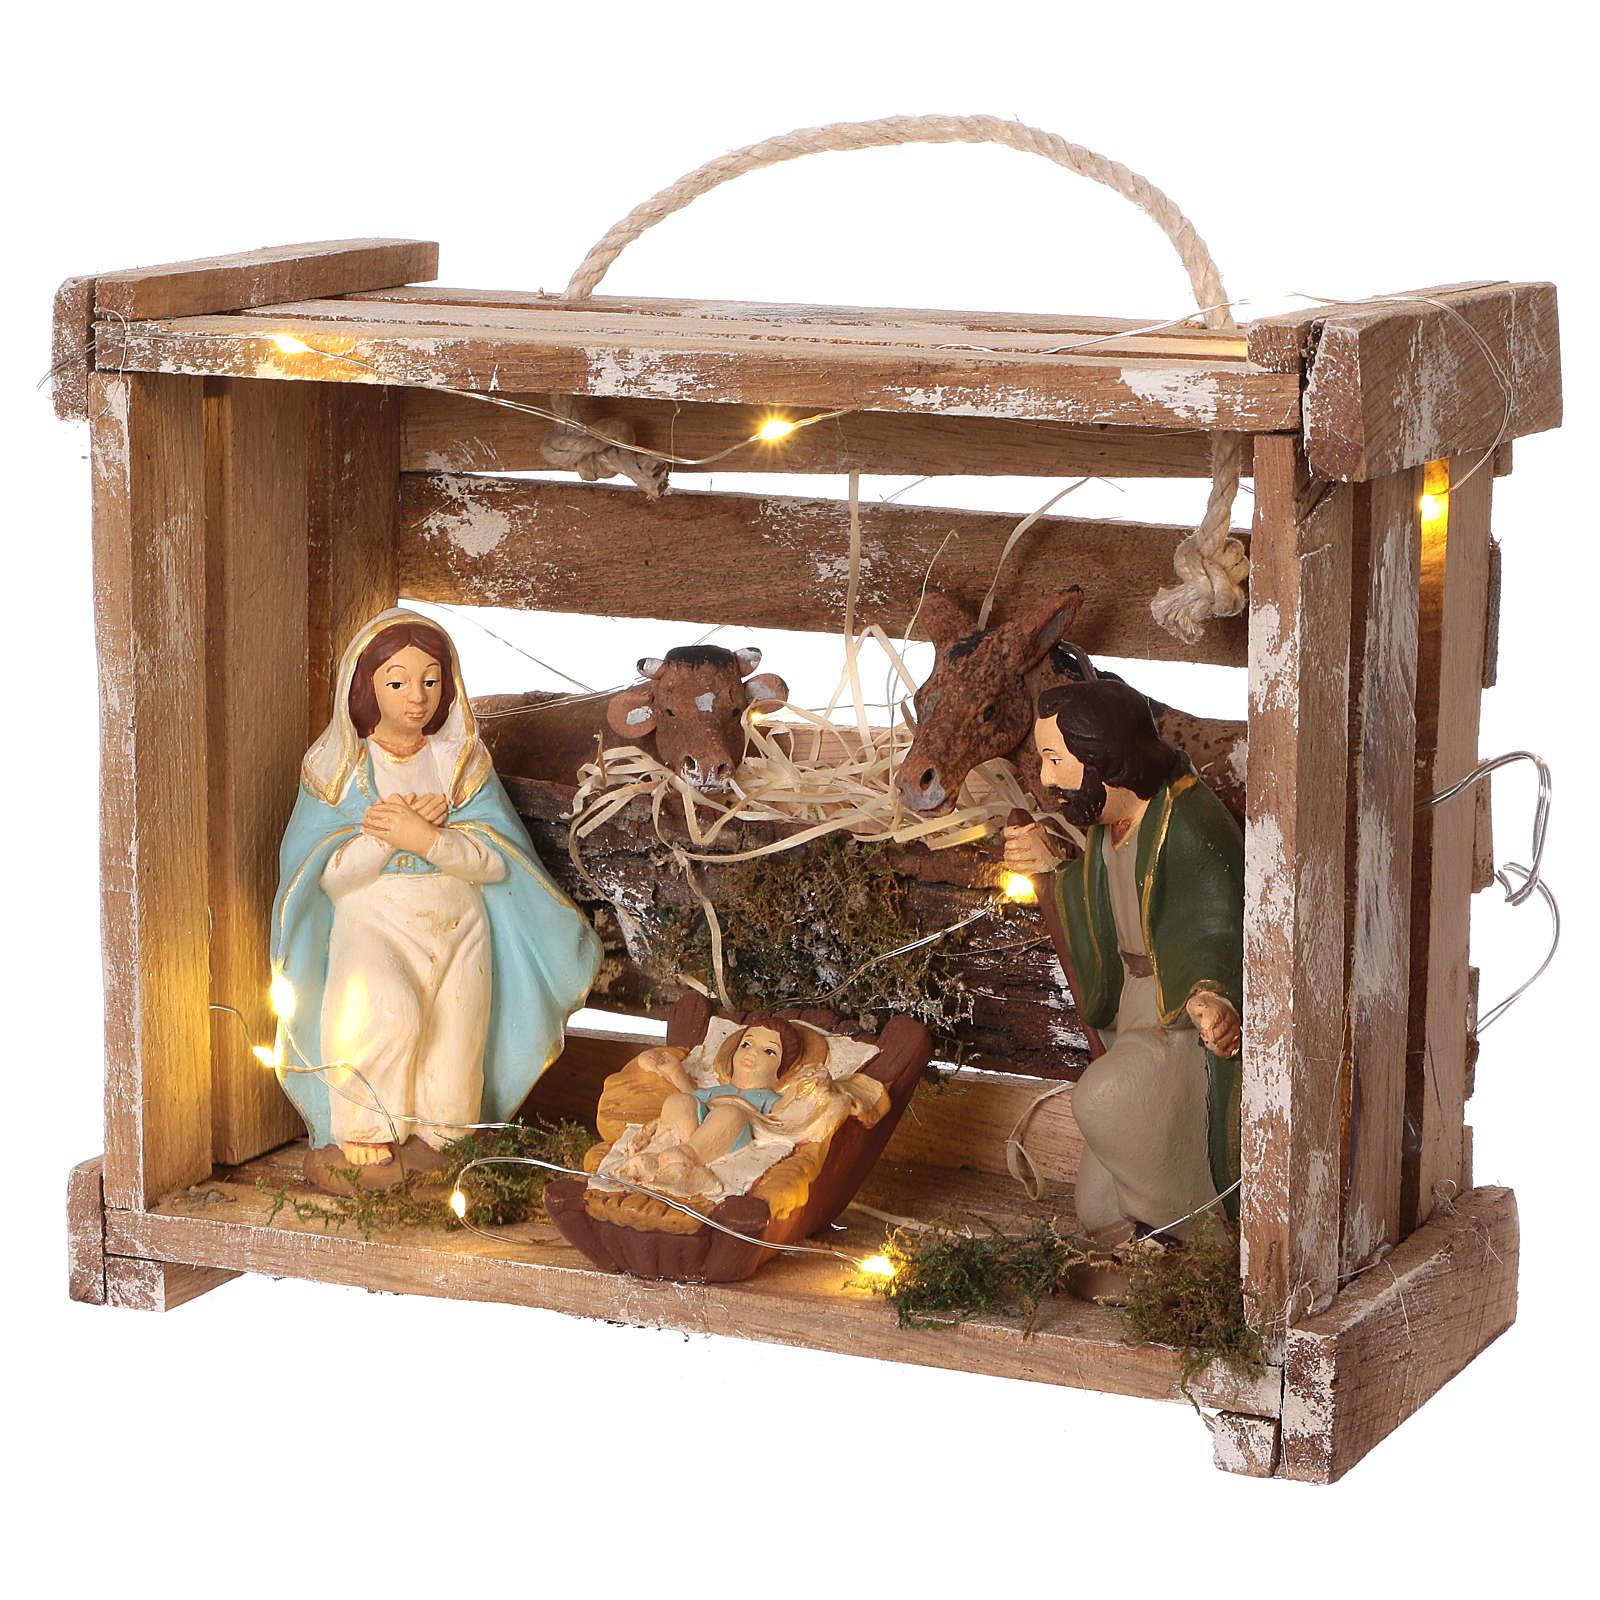 Cajita con luces portátil de madera con Natividad belén 12 cm 4